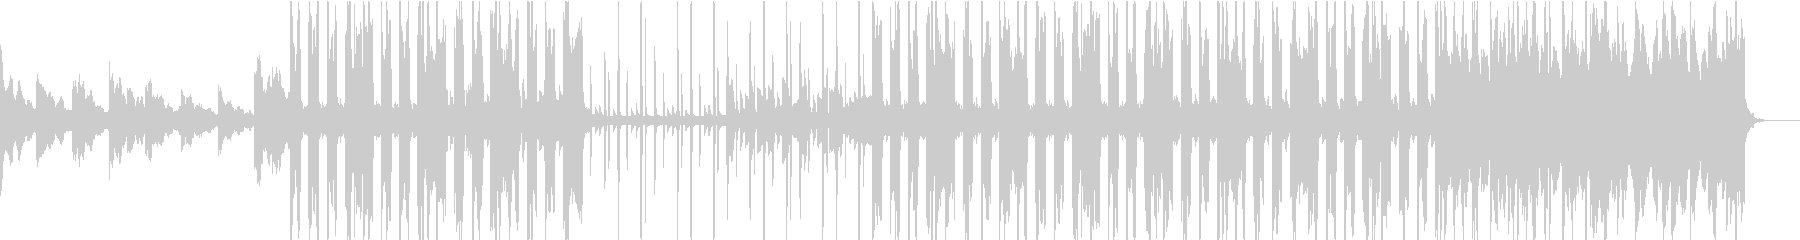 エレクトリックピアノのシティポップの未再生の波形